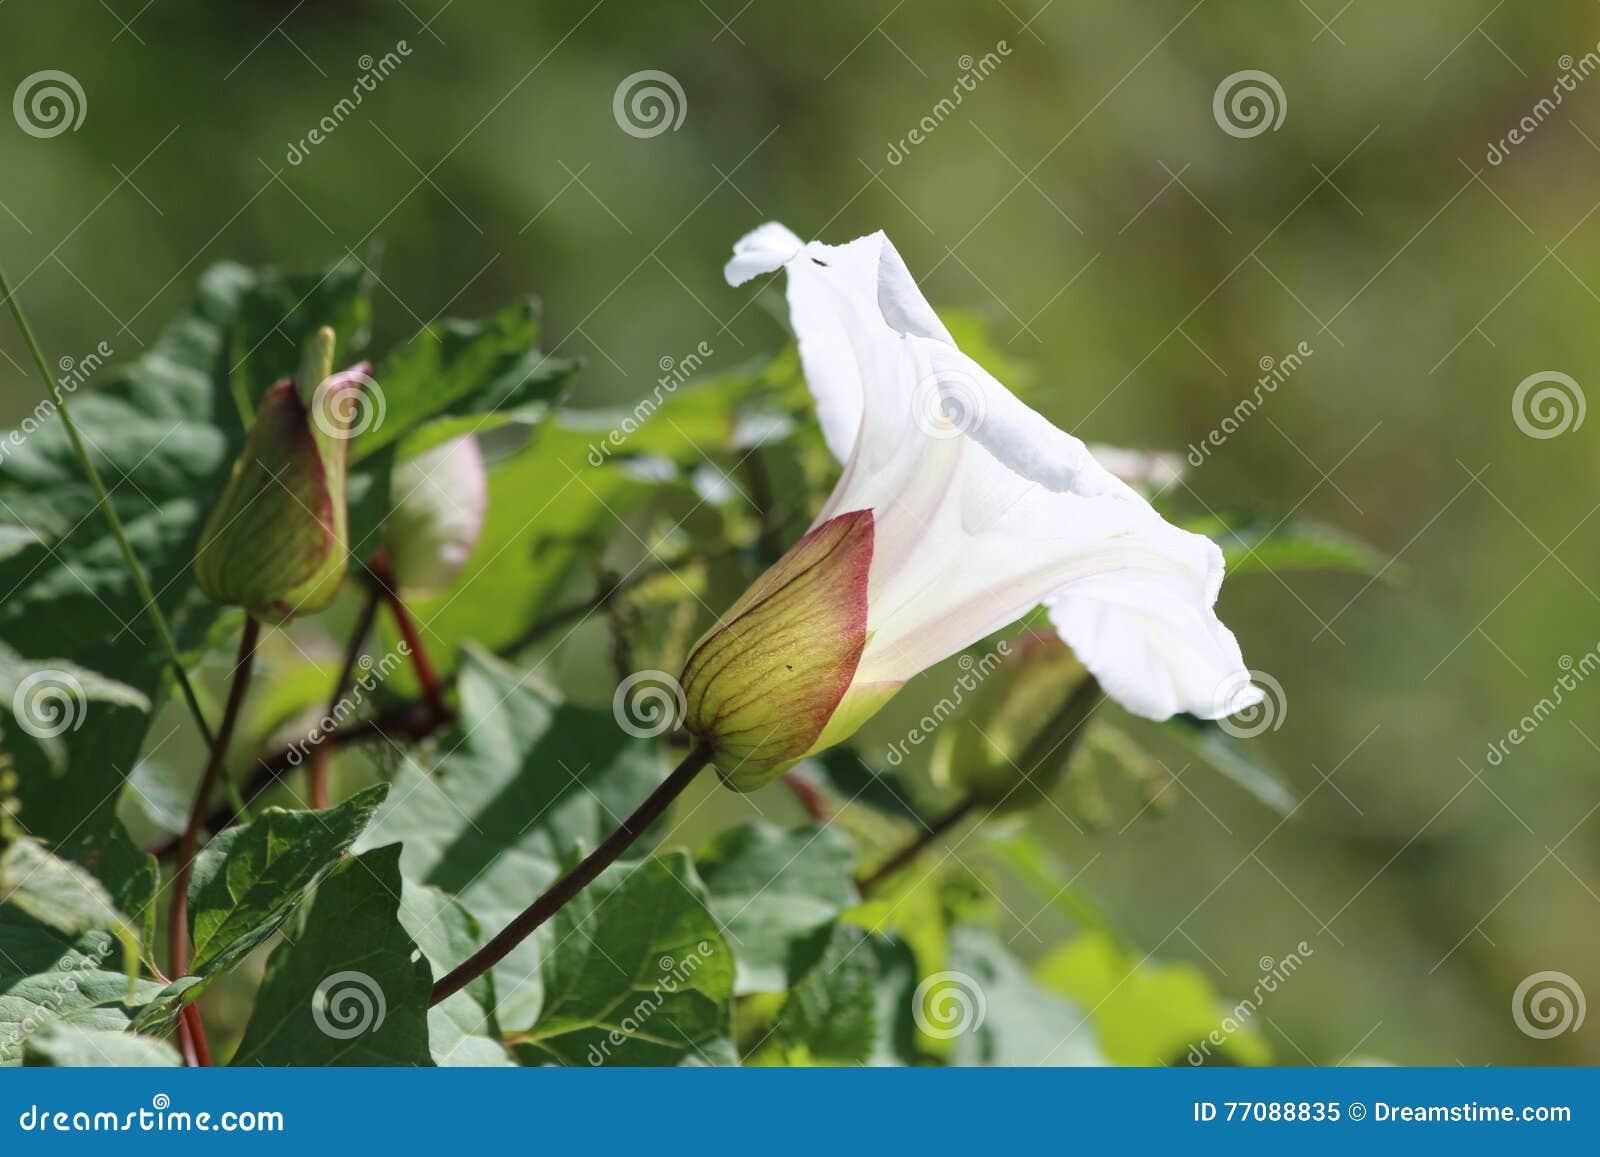 共同的野生植物喇叭形状的花